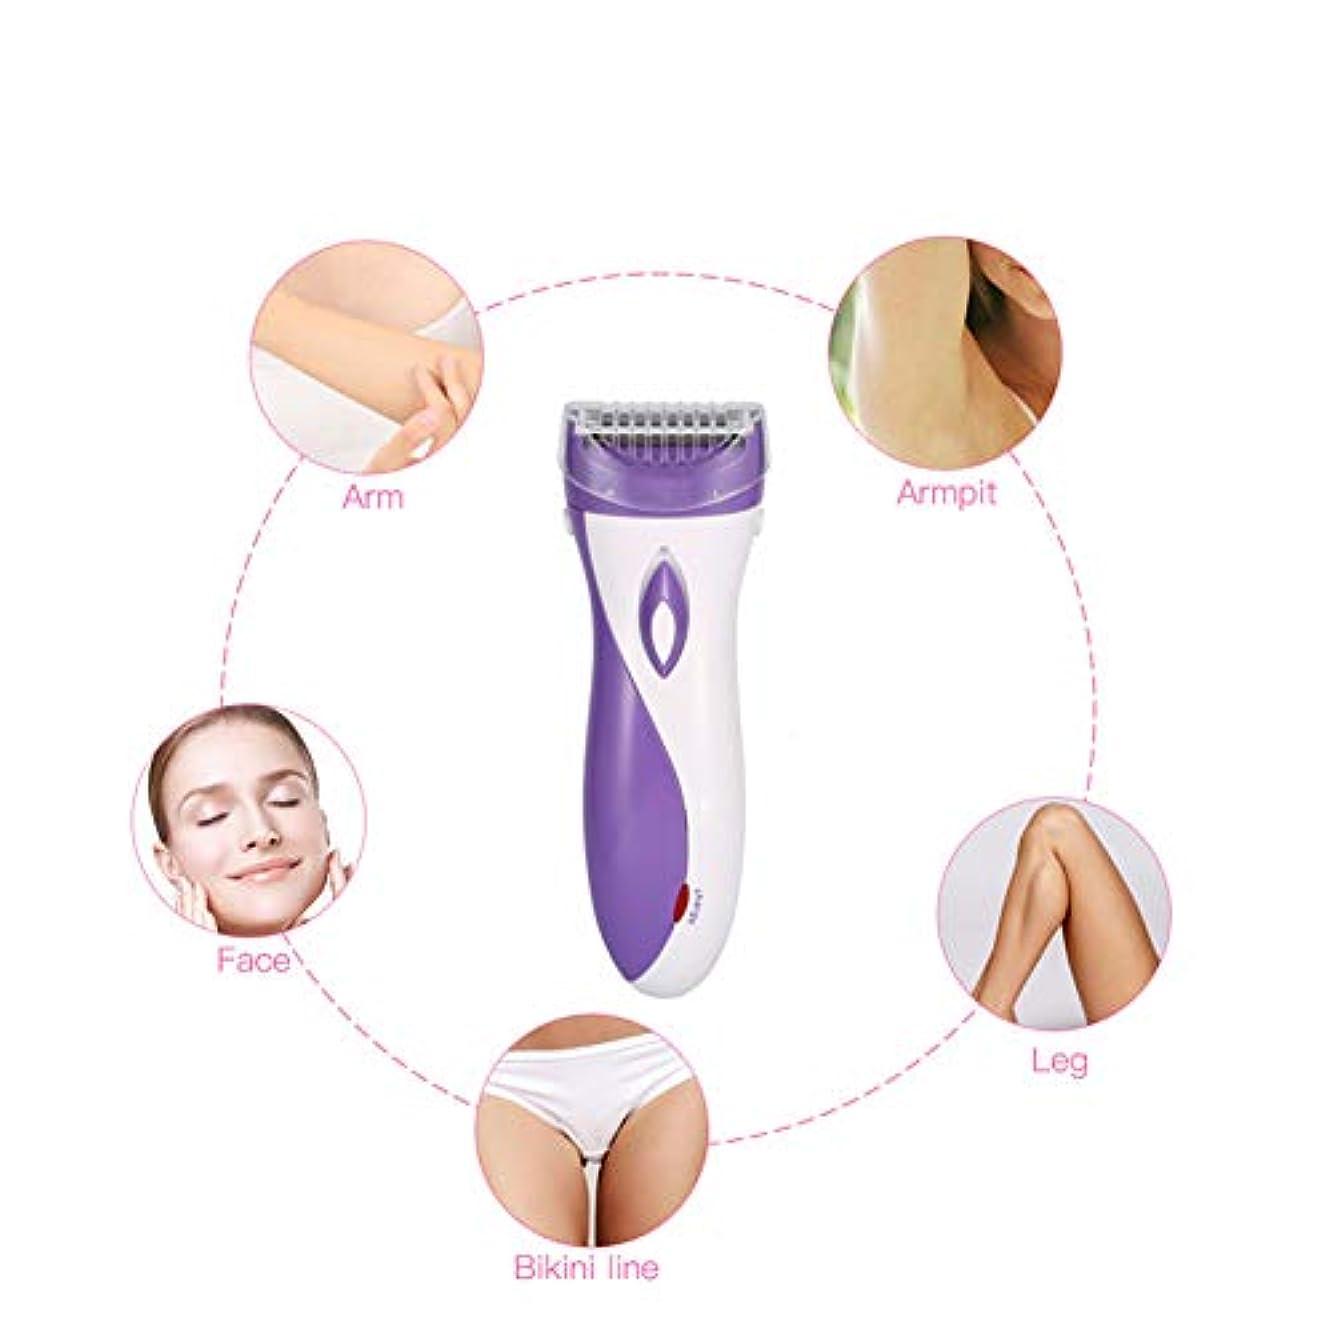 兵隊才能スキャンダラス女性の電気毛の除去剤、ボディ顔の毛の除去剤、小型方法女性首の足のビキニのトリマー